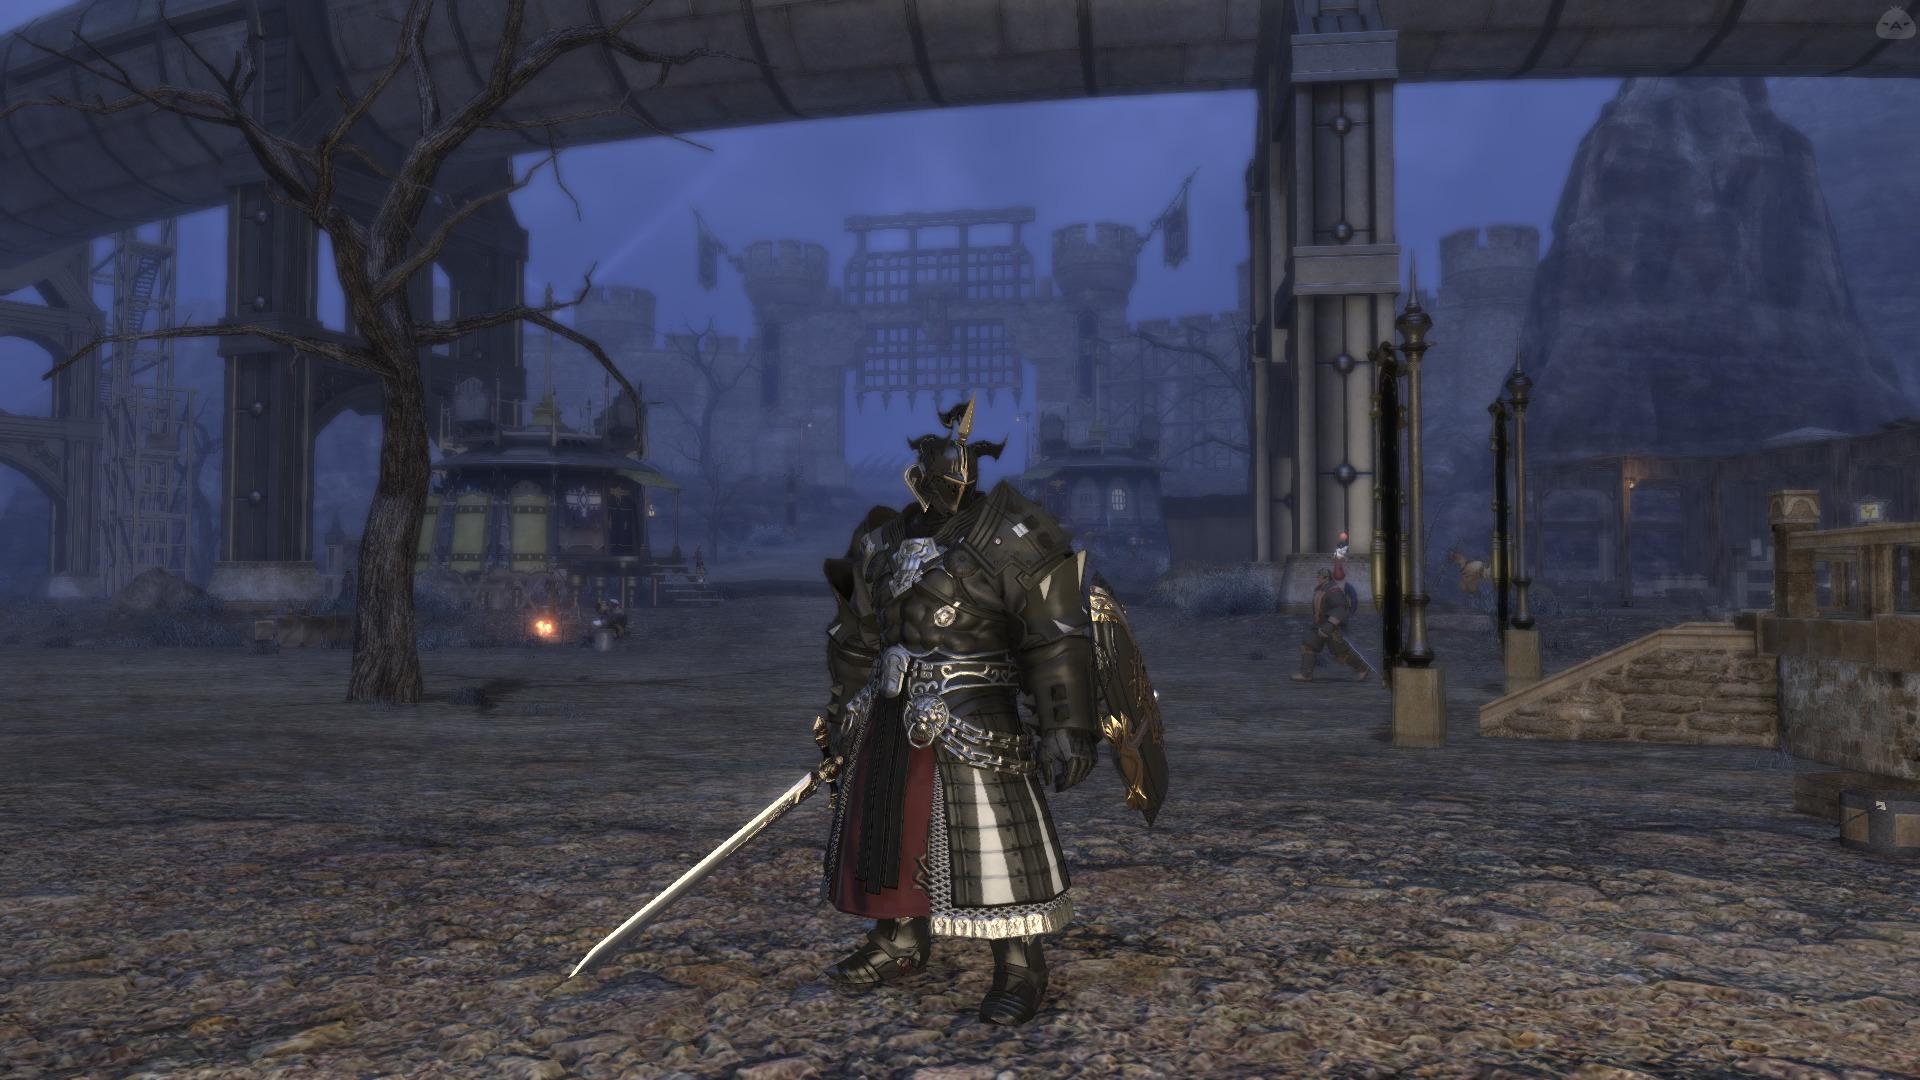 ウルダハ騎士